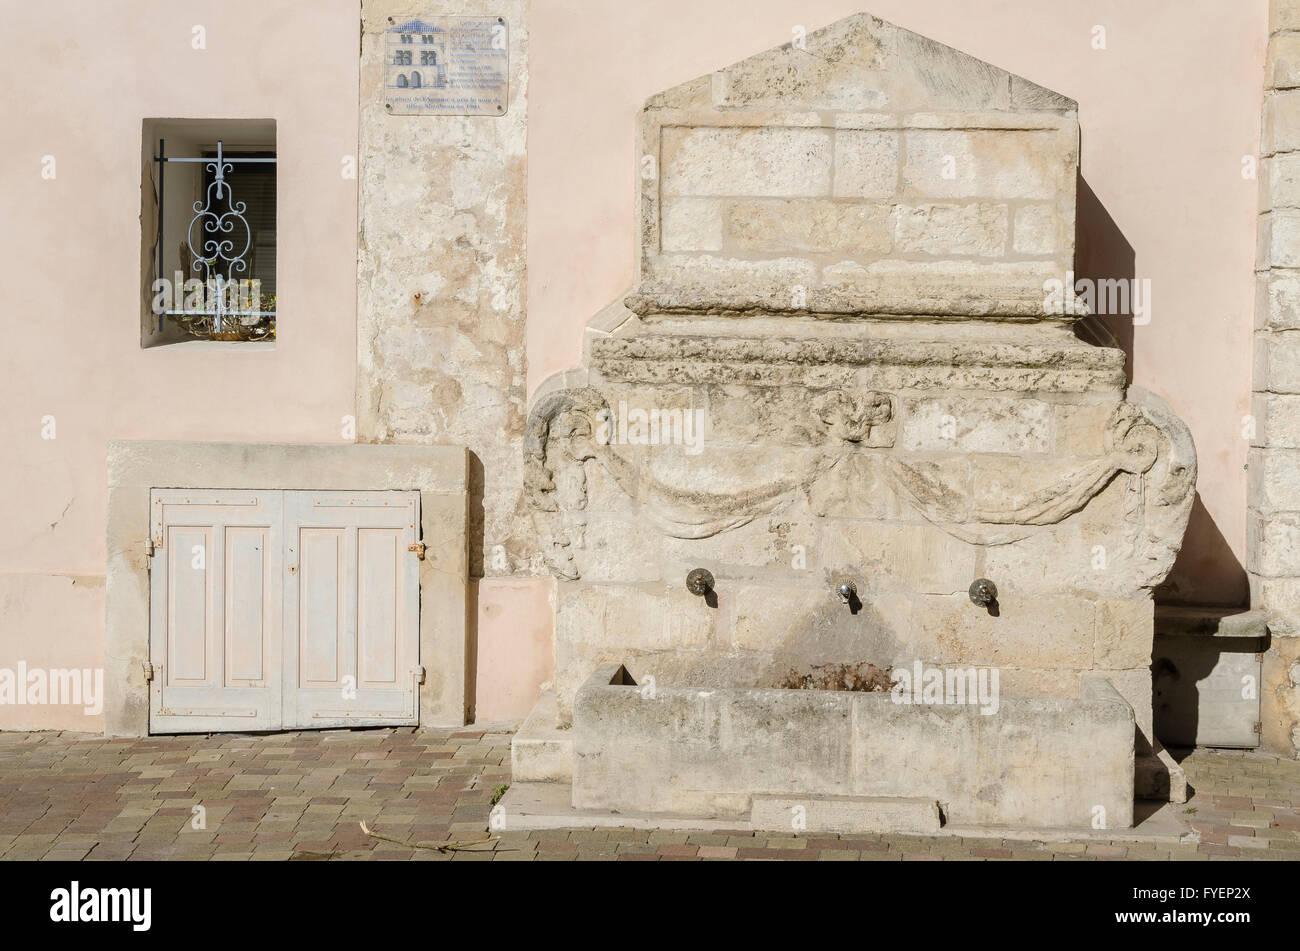 Fontaine adossée, place Mirabeau, Martigues, BDR, France 13 - Stock Image